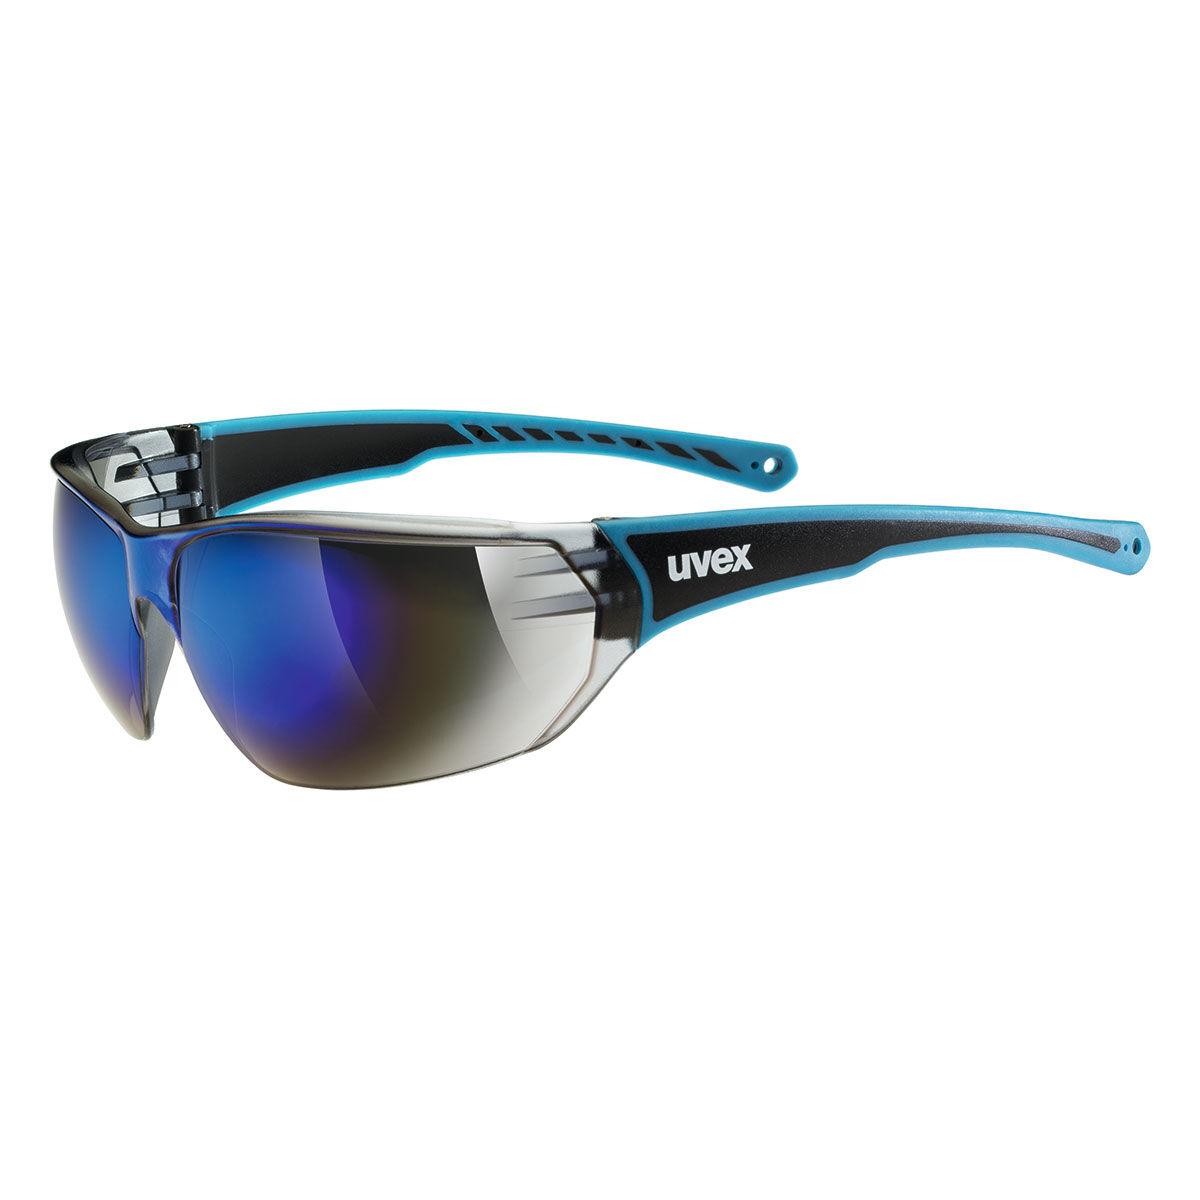 Køb Uvex Eyewear Kørebriller Online Nu | Horze